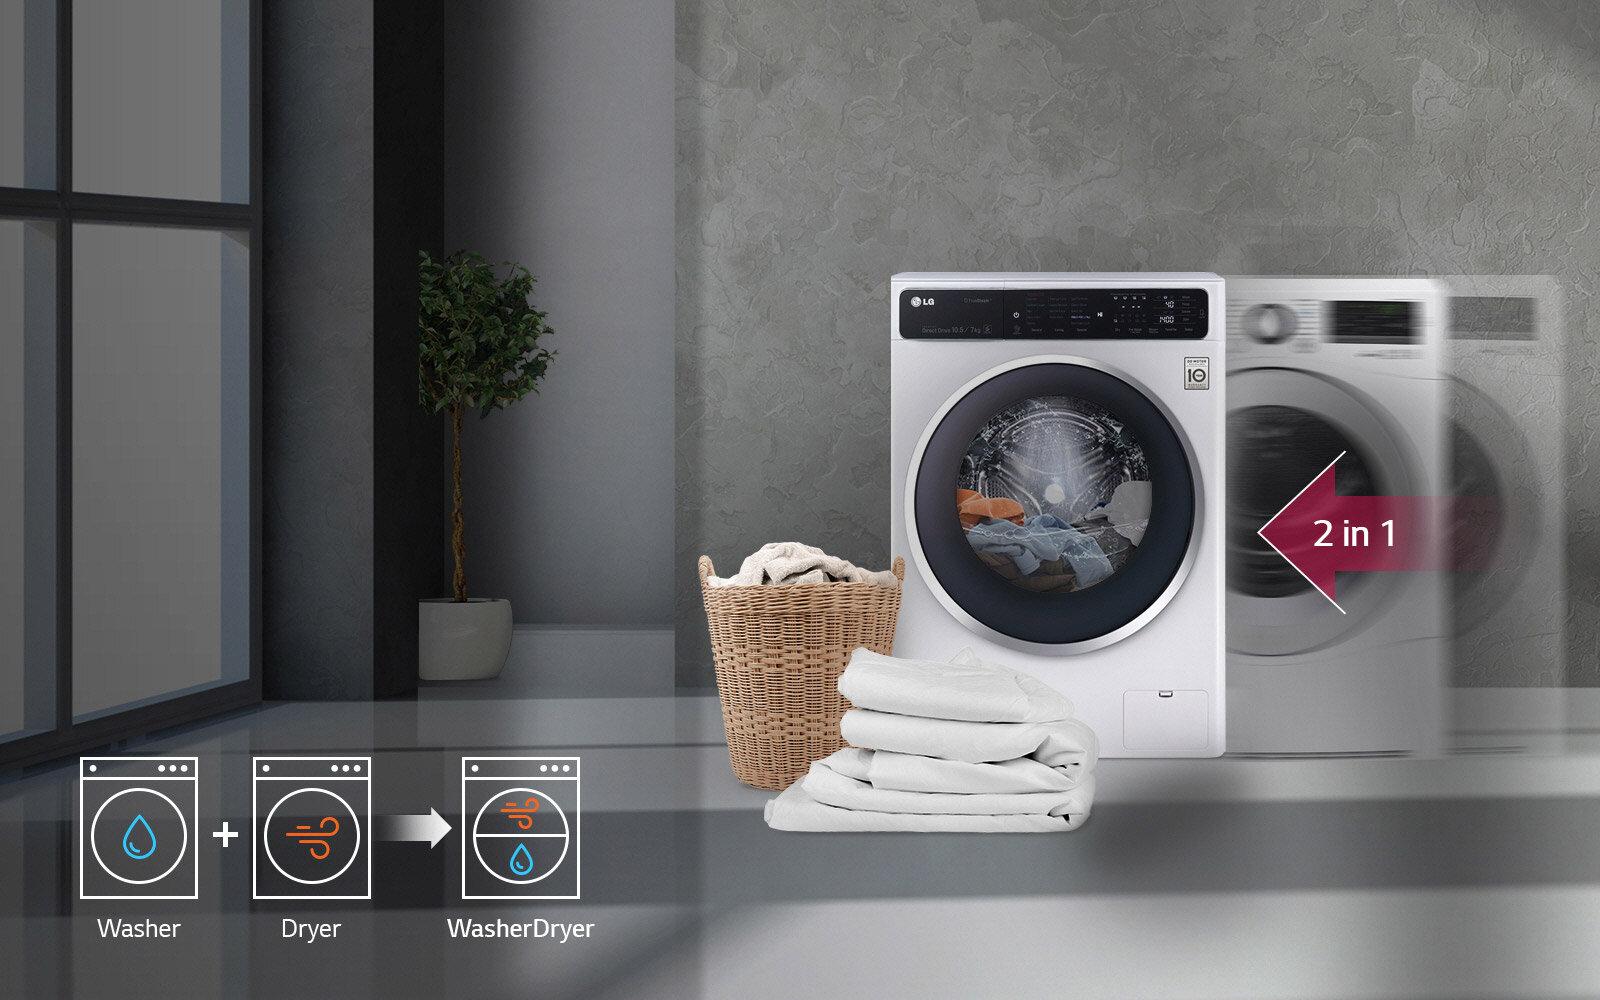 Máy giặt sấy tích hợp cả hai tính năng đó là làm sạch quần áo qua bước giặt đồng thời sấy khô quần áo